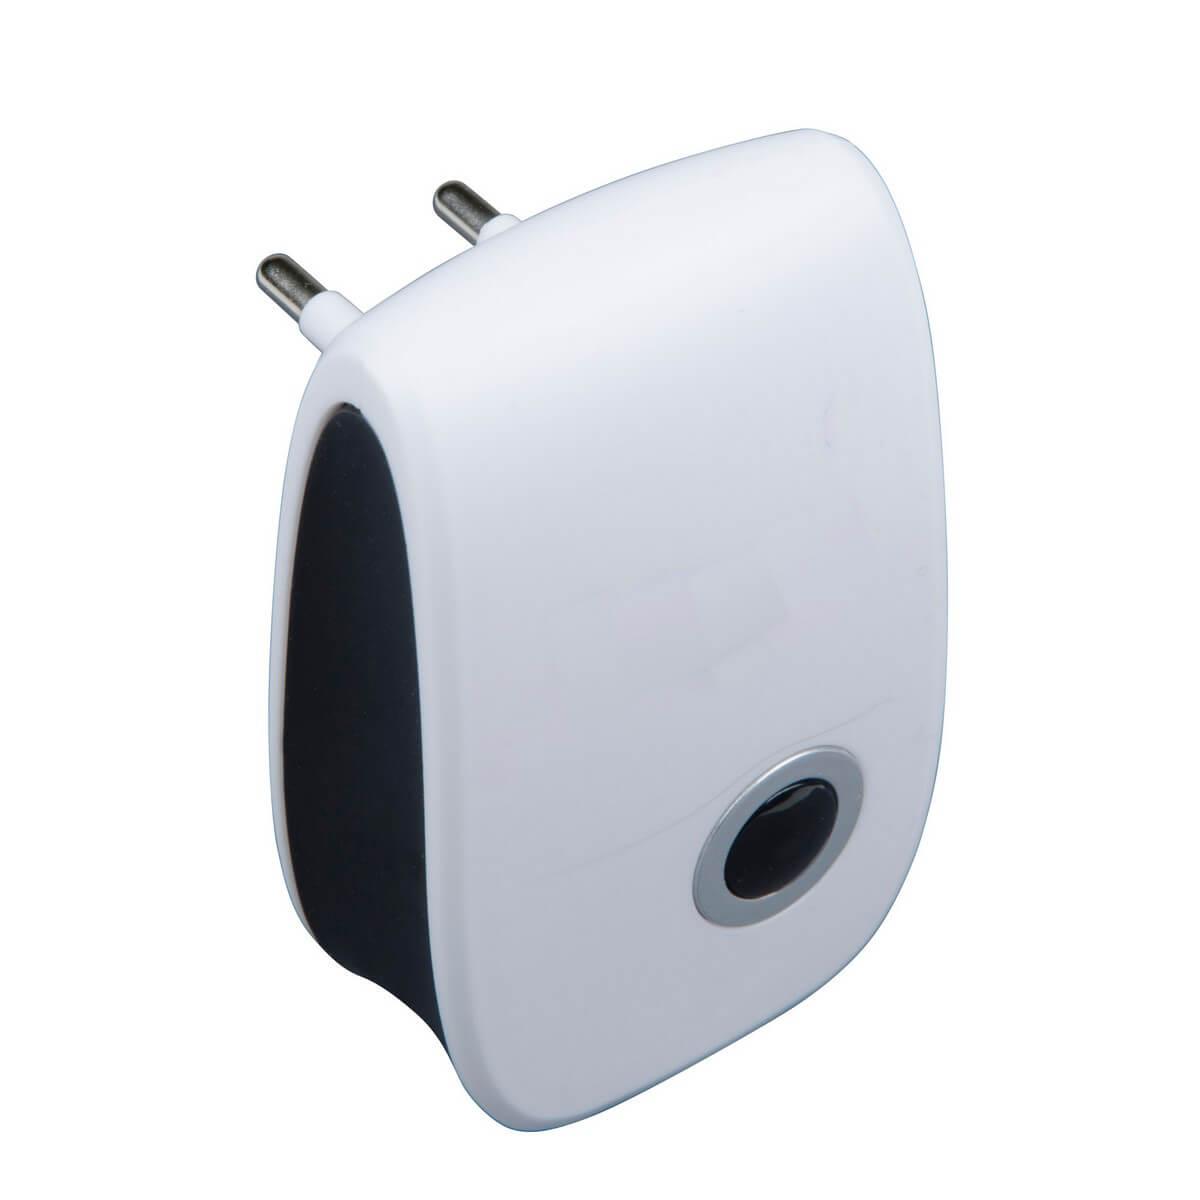 Ультразвуковой отпугиватель насекомых и грызунов (UL-00004562) Uniel UDR-E11 White все цены